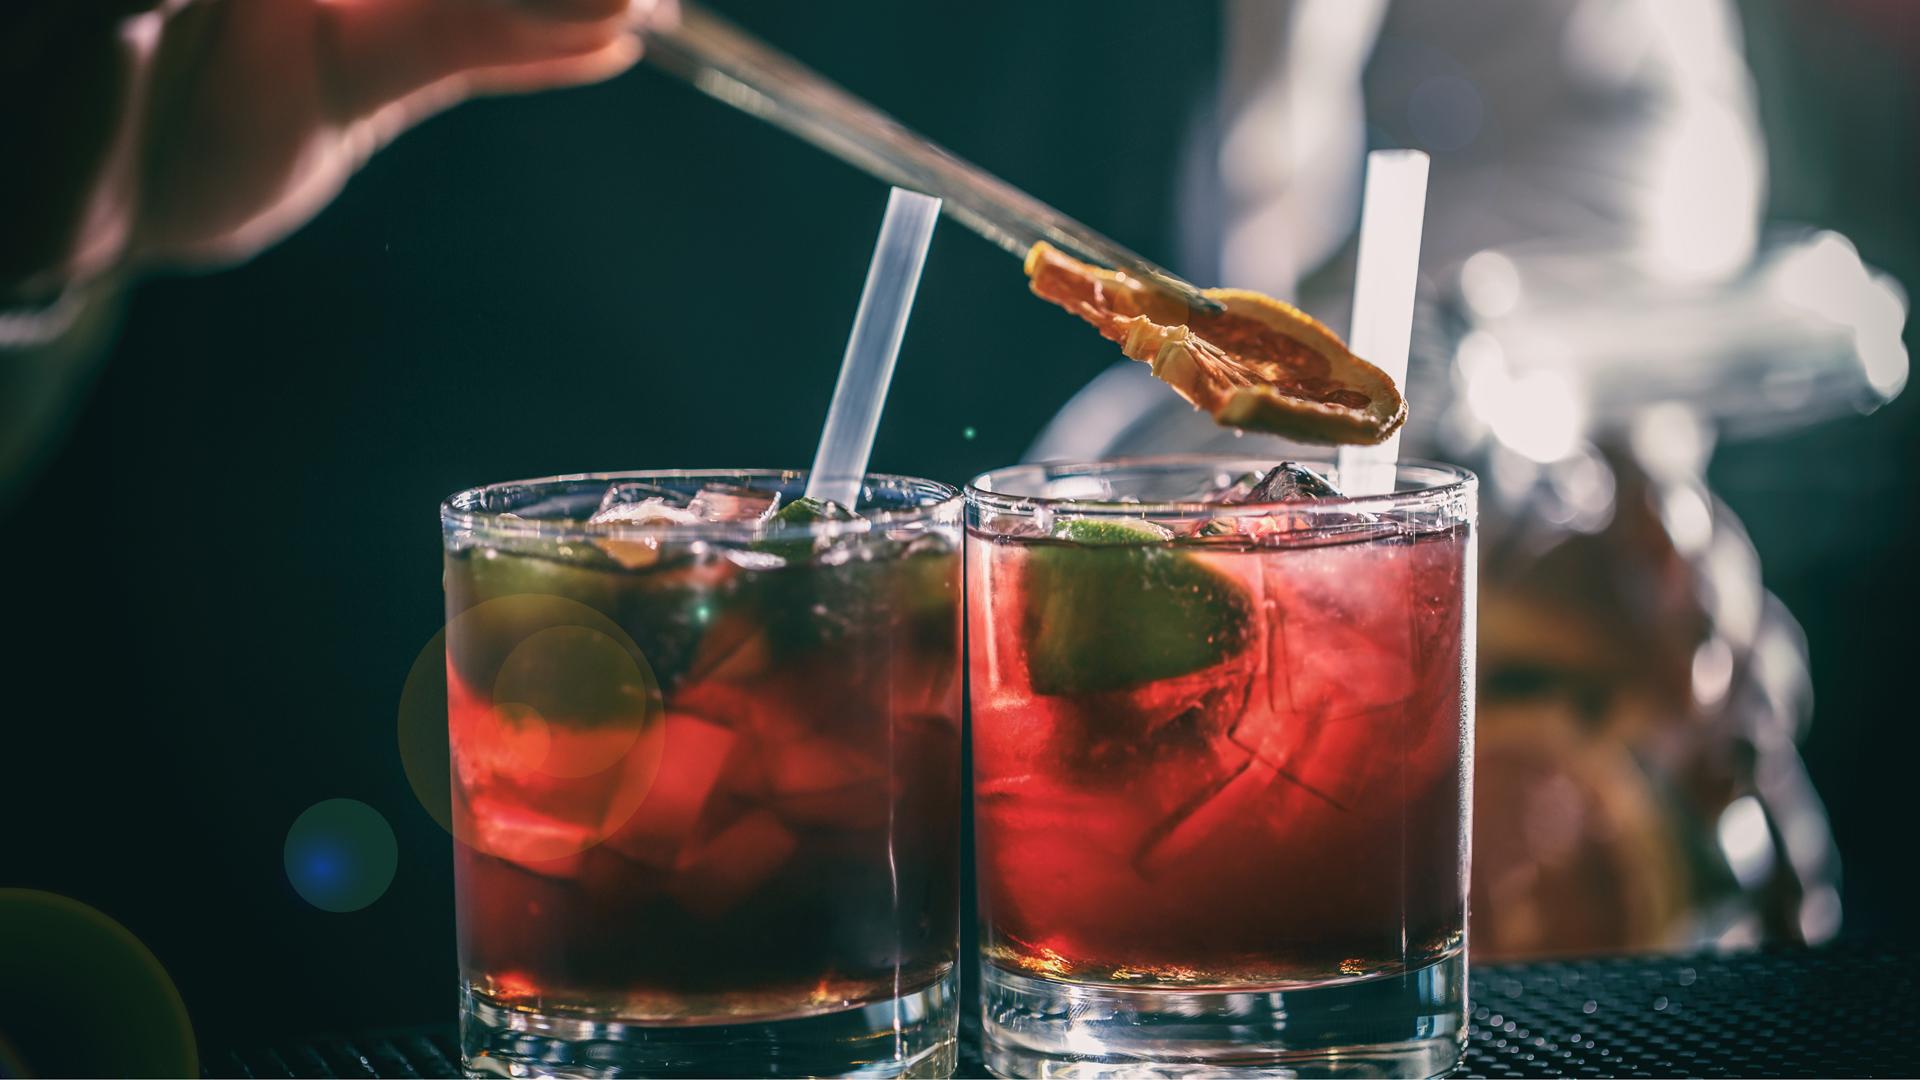 Las bebidas alcohólicas tienen muchas calorías y más si son acompañadas por bebidas dulces (Foto: archivo)